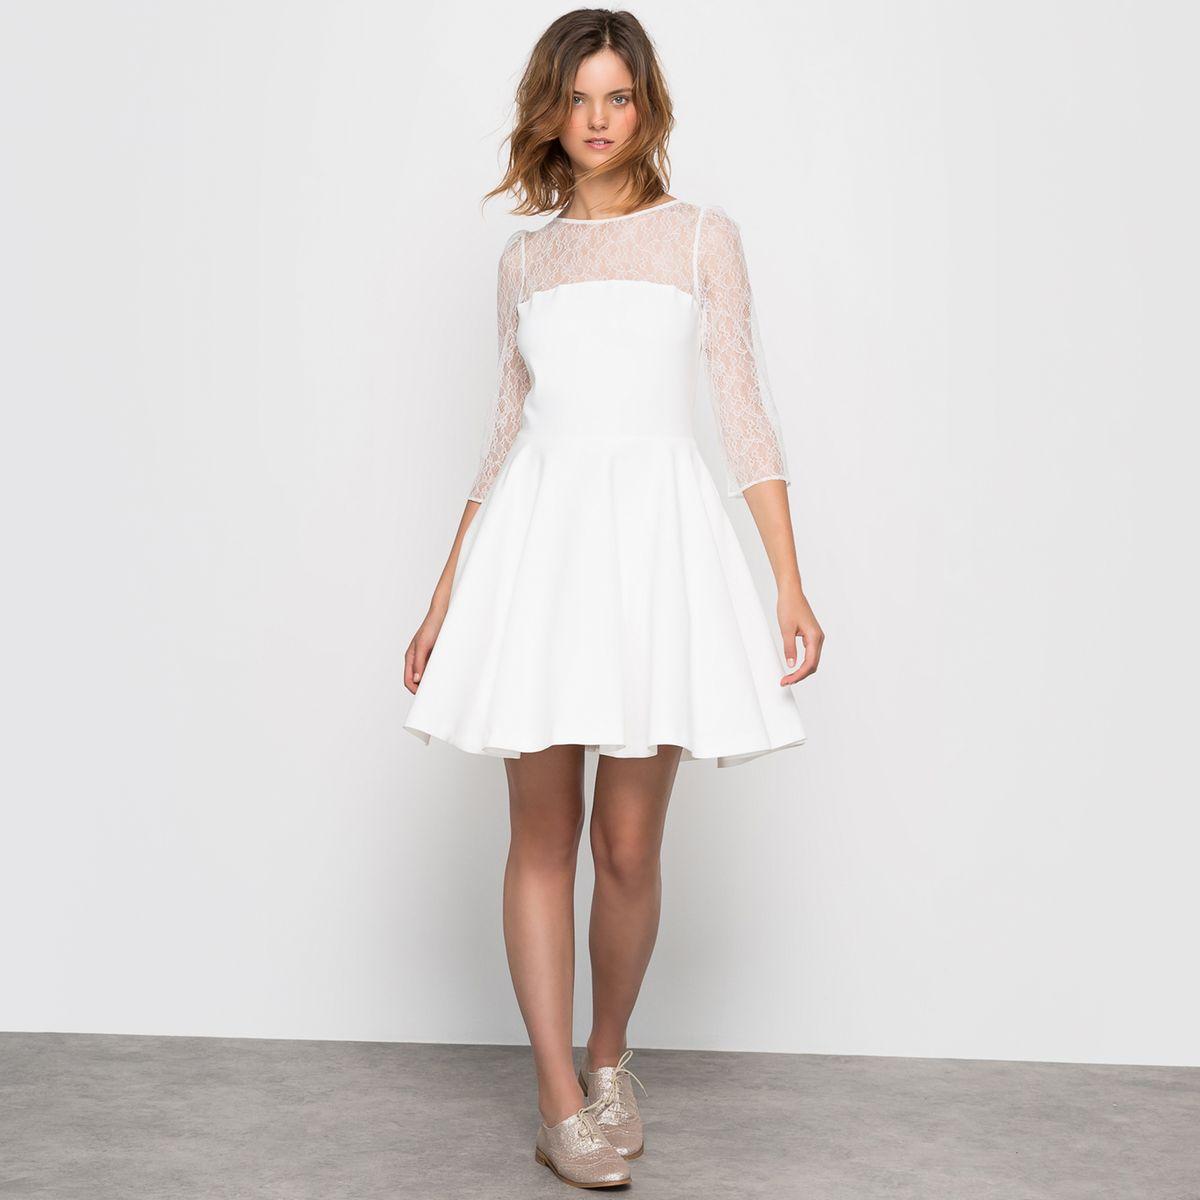 La robe de mariée courte